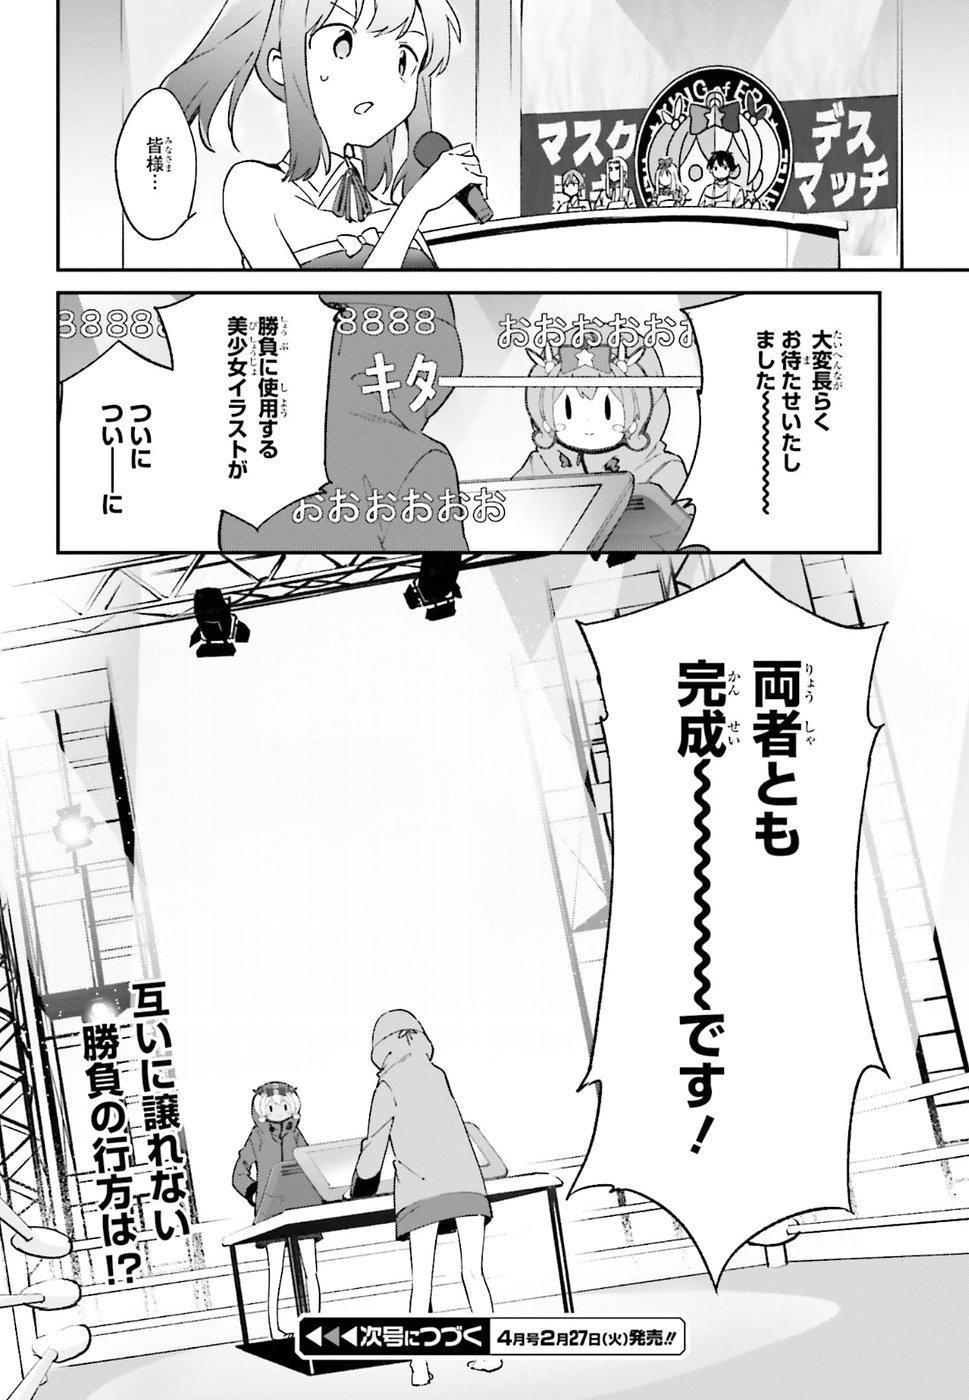 EroManga-Sensei Chapter 44 Page 24